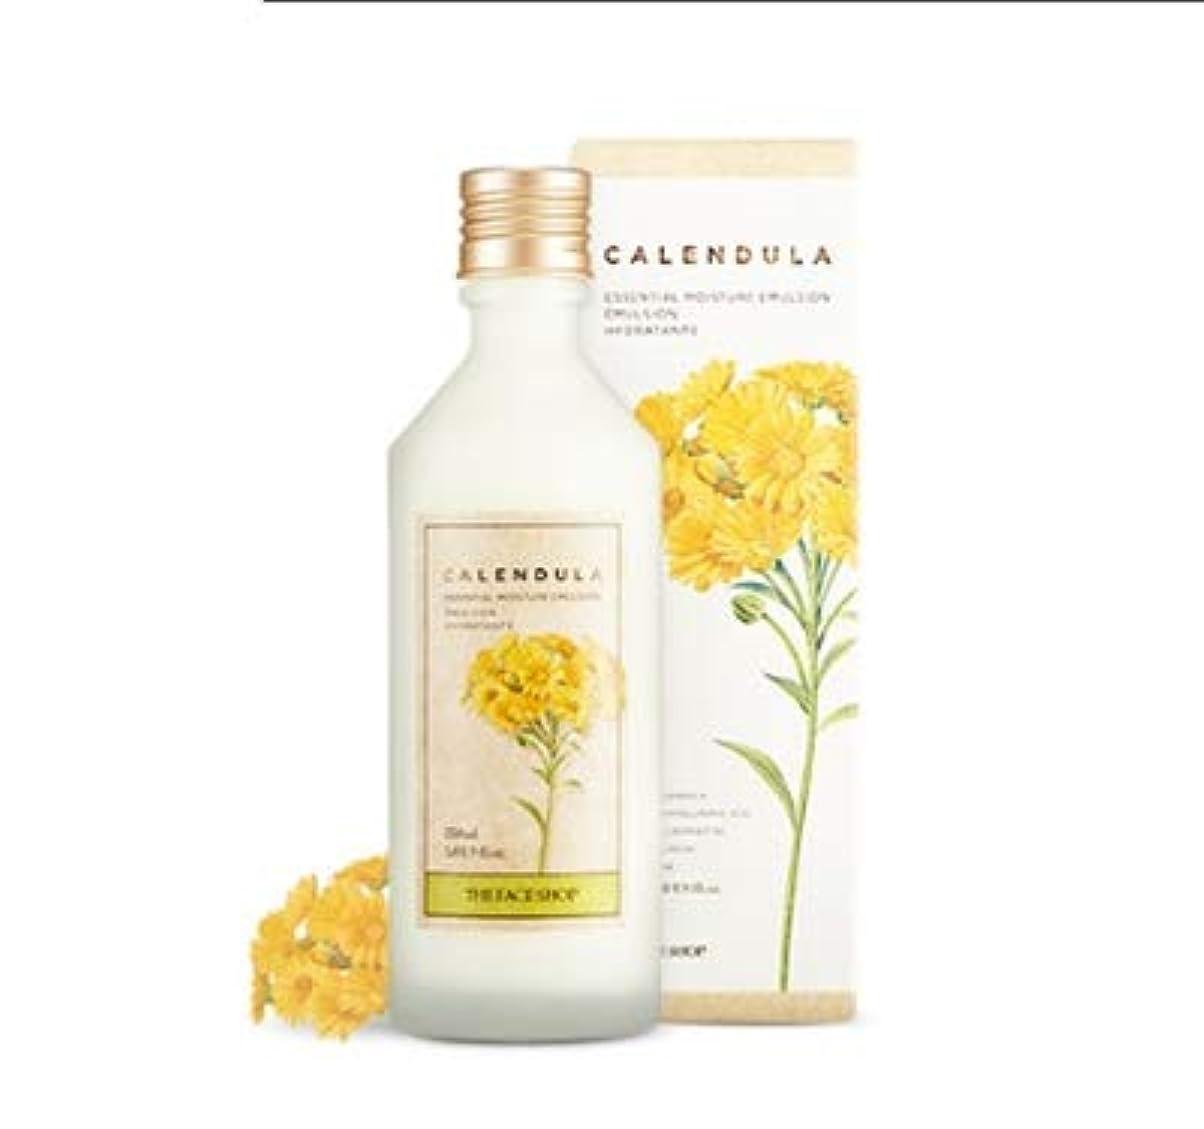 ワークショップシエスタ好意THE FACE SHOP Calendula Essential Moisture Emulsion ザ?フェイスショップカレンデュルラエッセンシャルモイスチャーエマルジョン [並行輸入品]